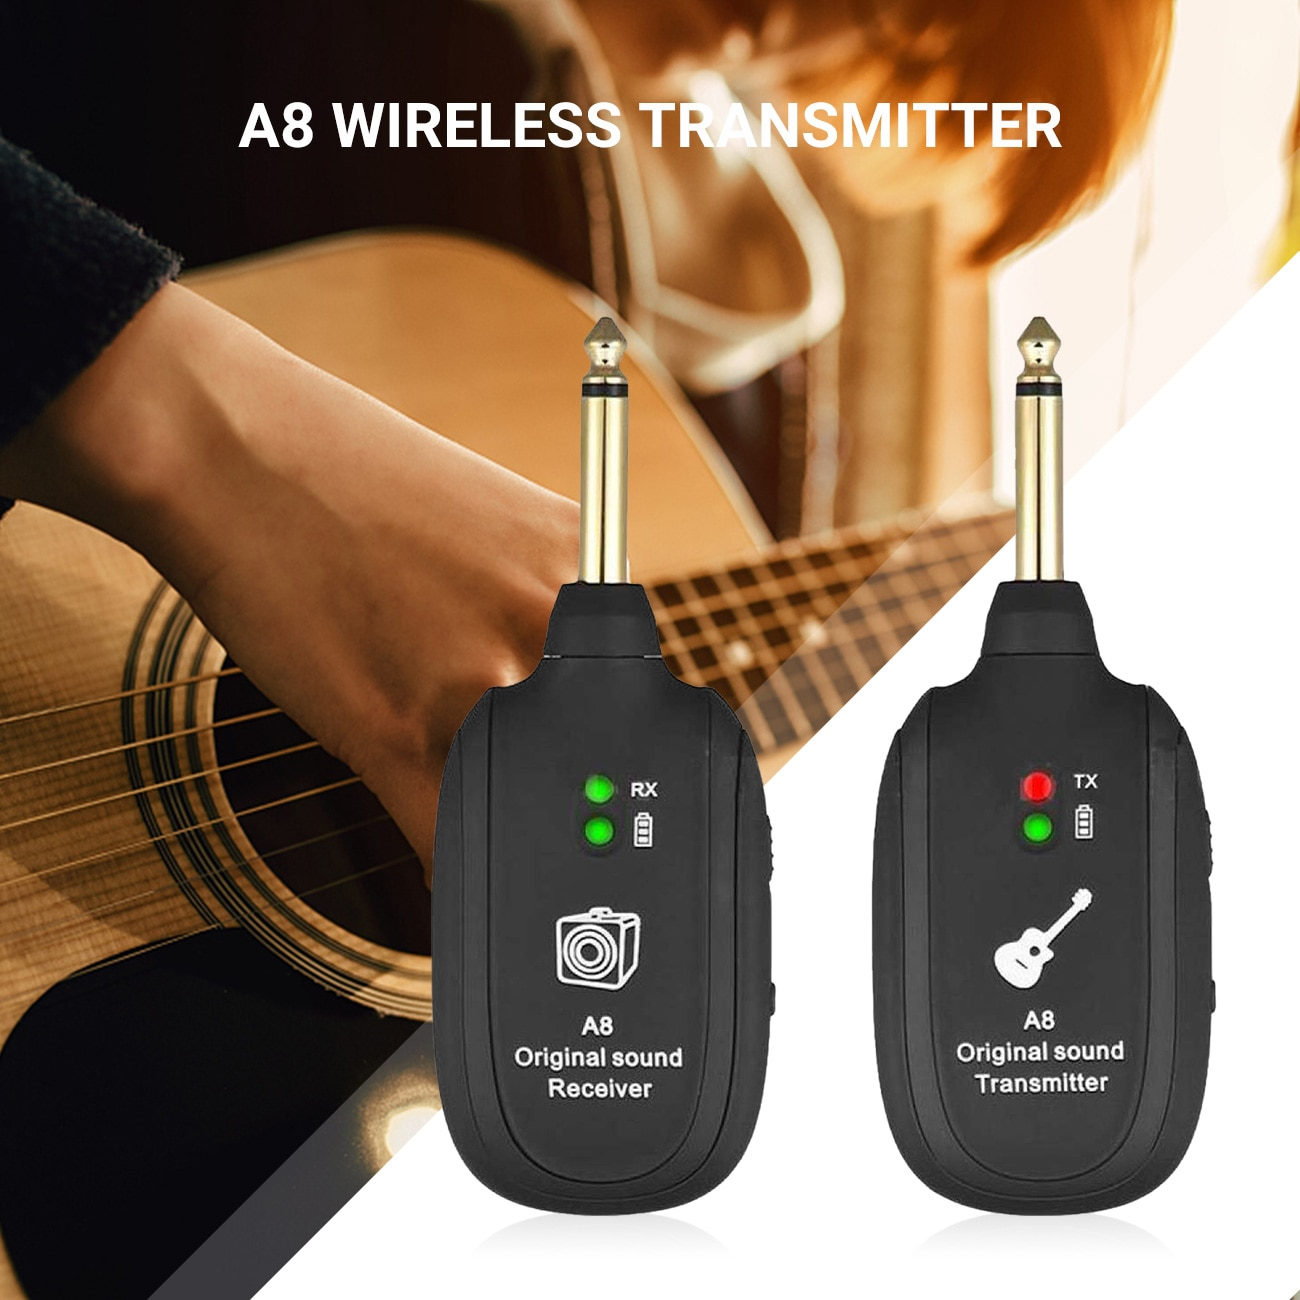 eunavi 2 4g wireless transmitter 2pcs UHF Guitar Wireless System Transmitter Receiver Wireless Guitar Transmitter Built-In Rechargeable Battery